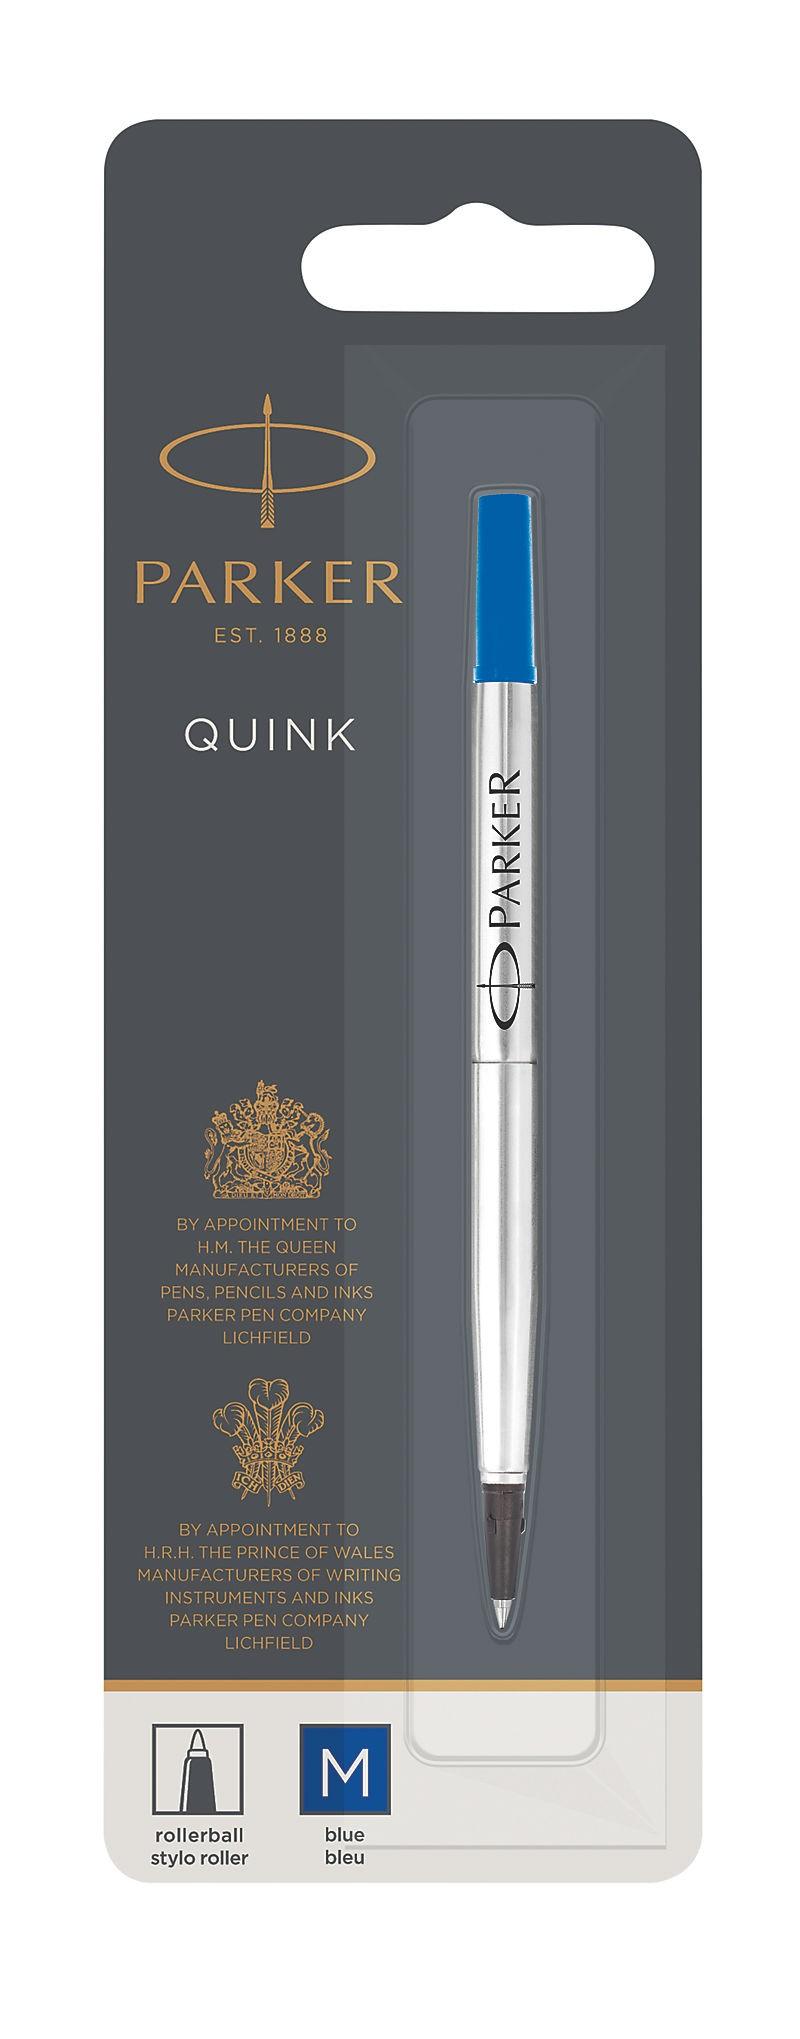 Parker Quink Roller Ball refill Medium Blue